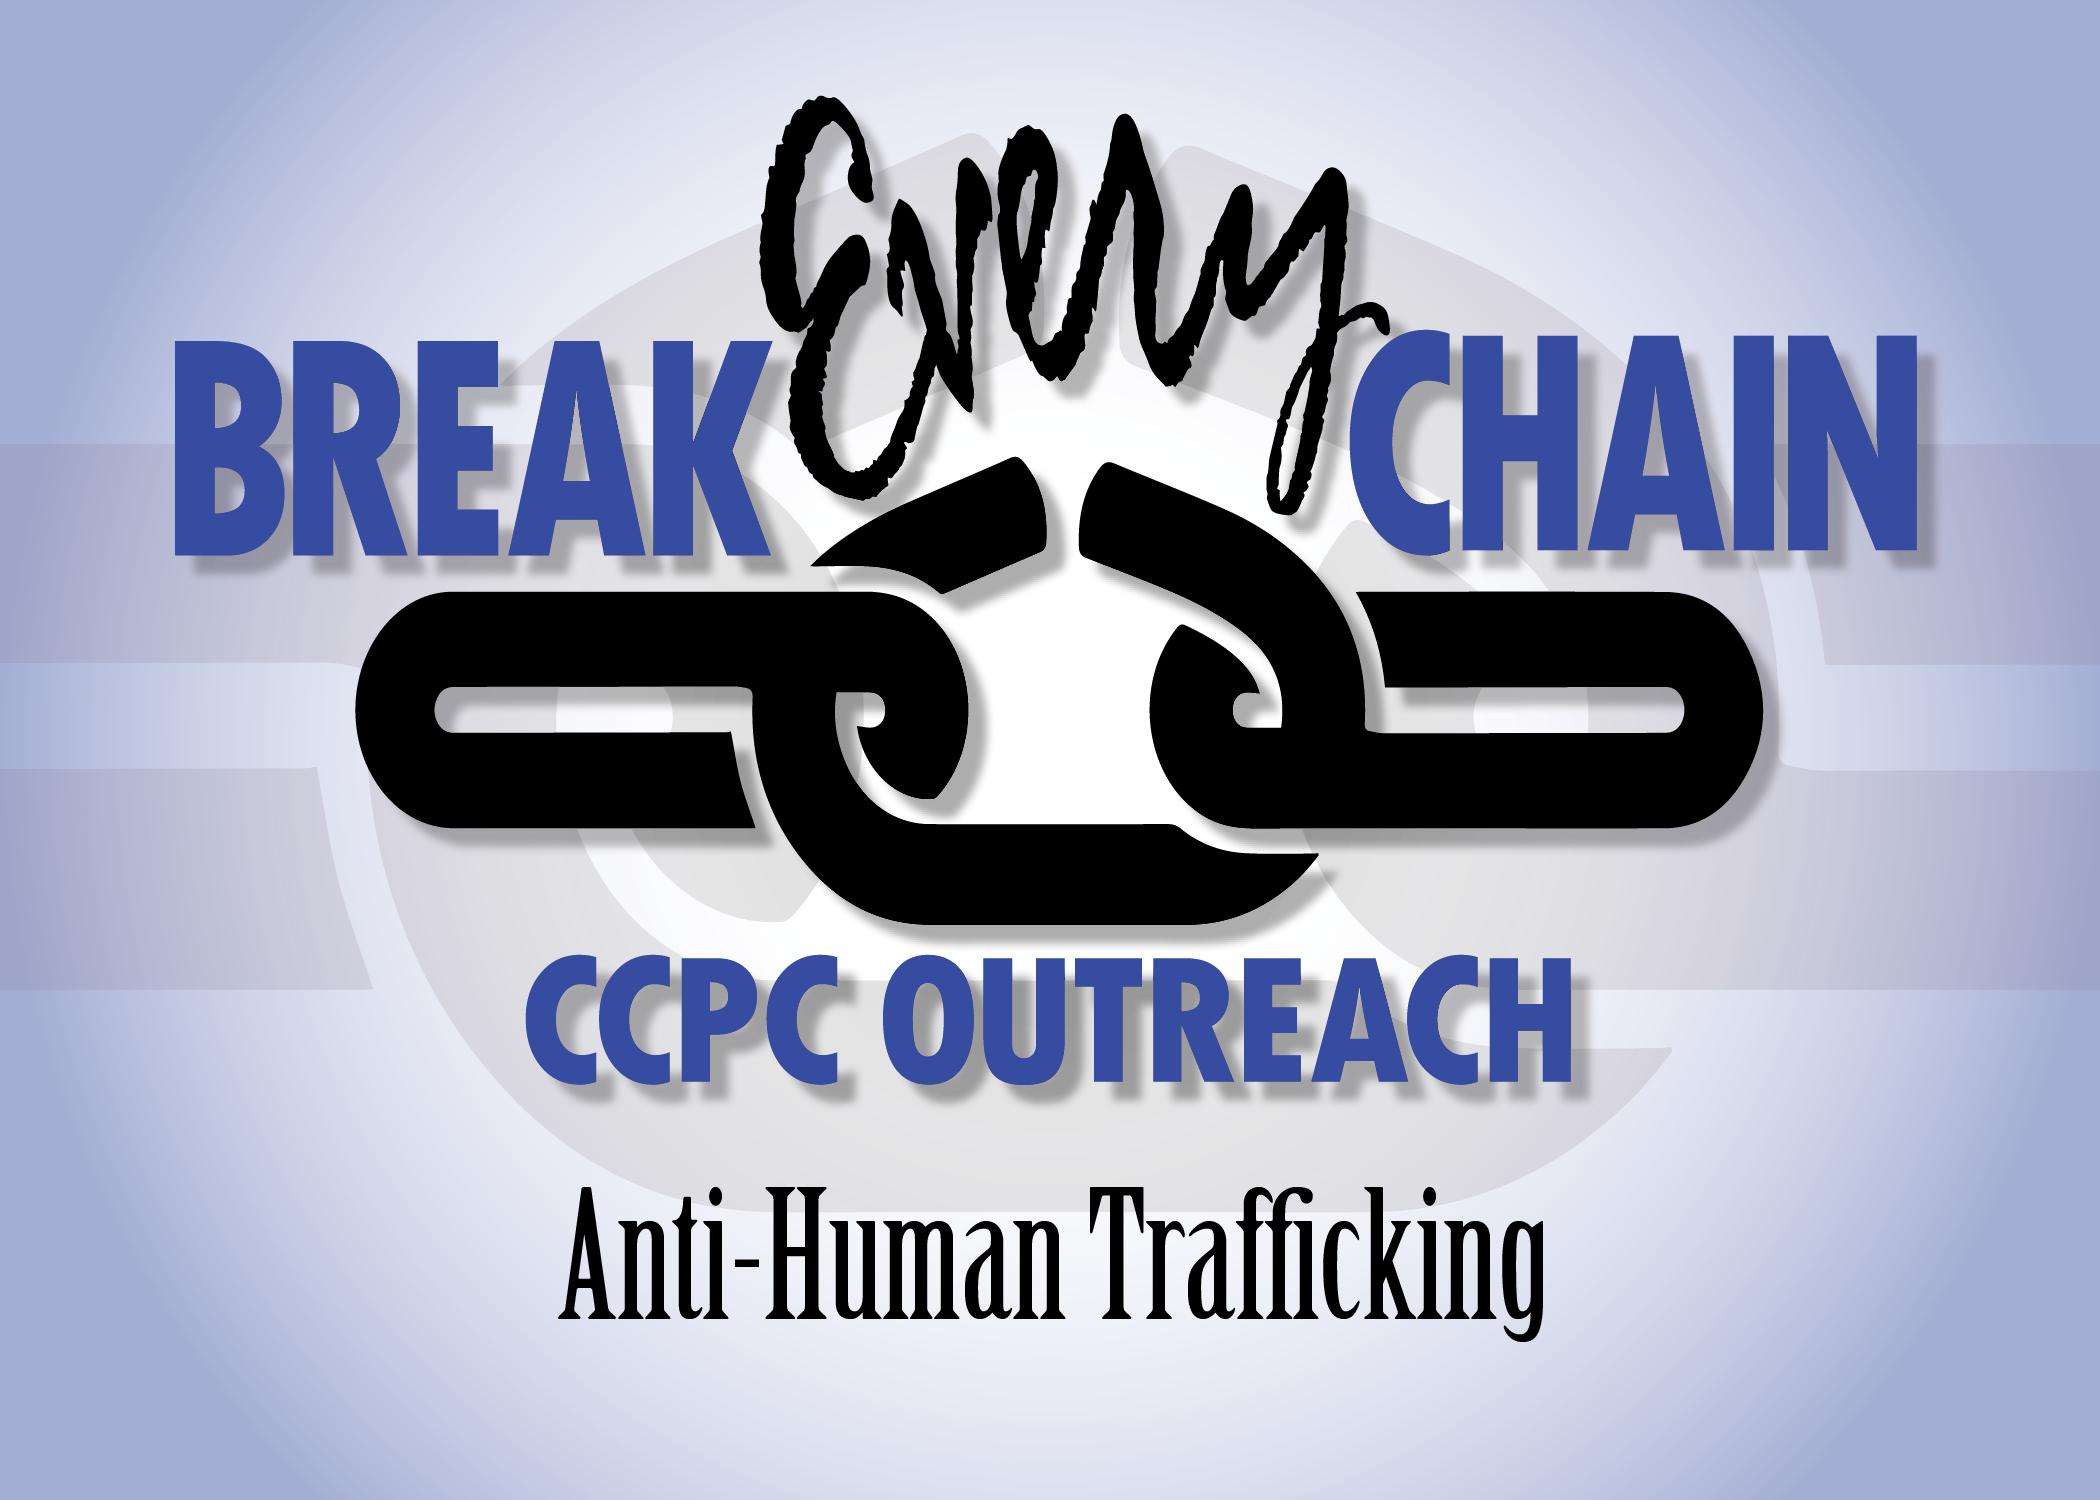 Anti-Human Trafficking Web Graphic.jpg